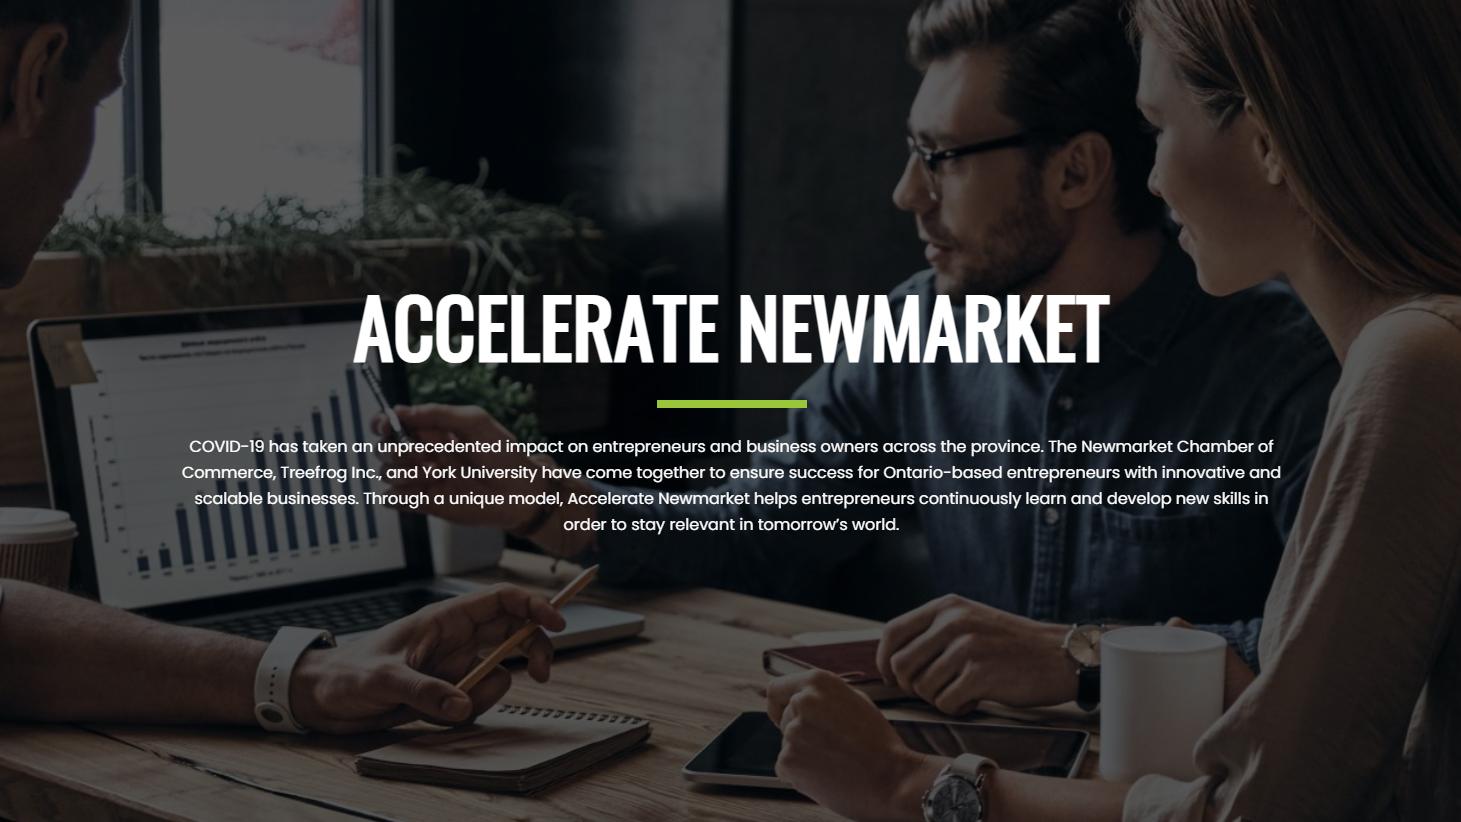 Accelerate Newmarket